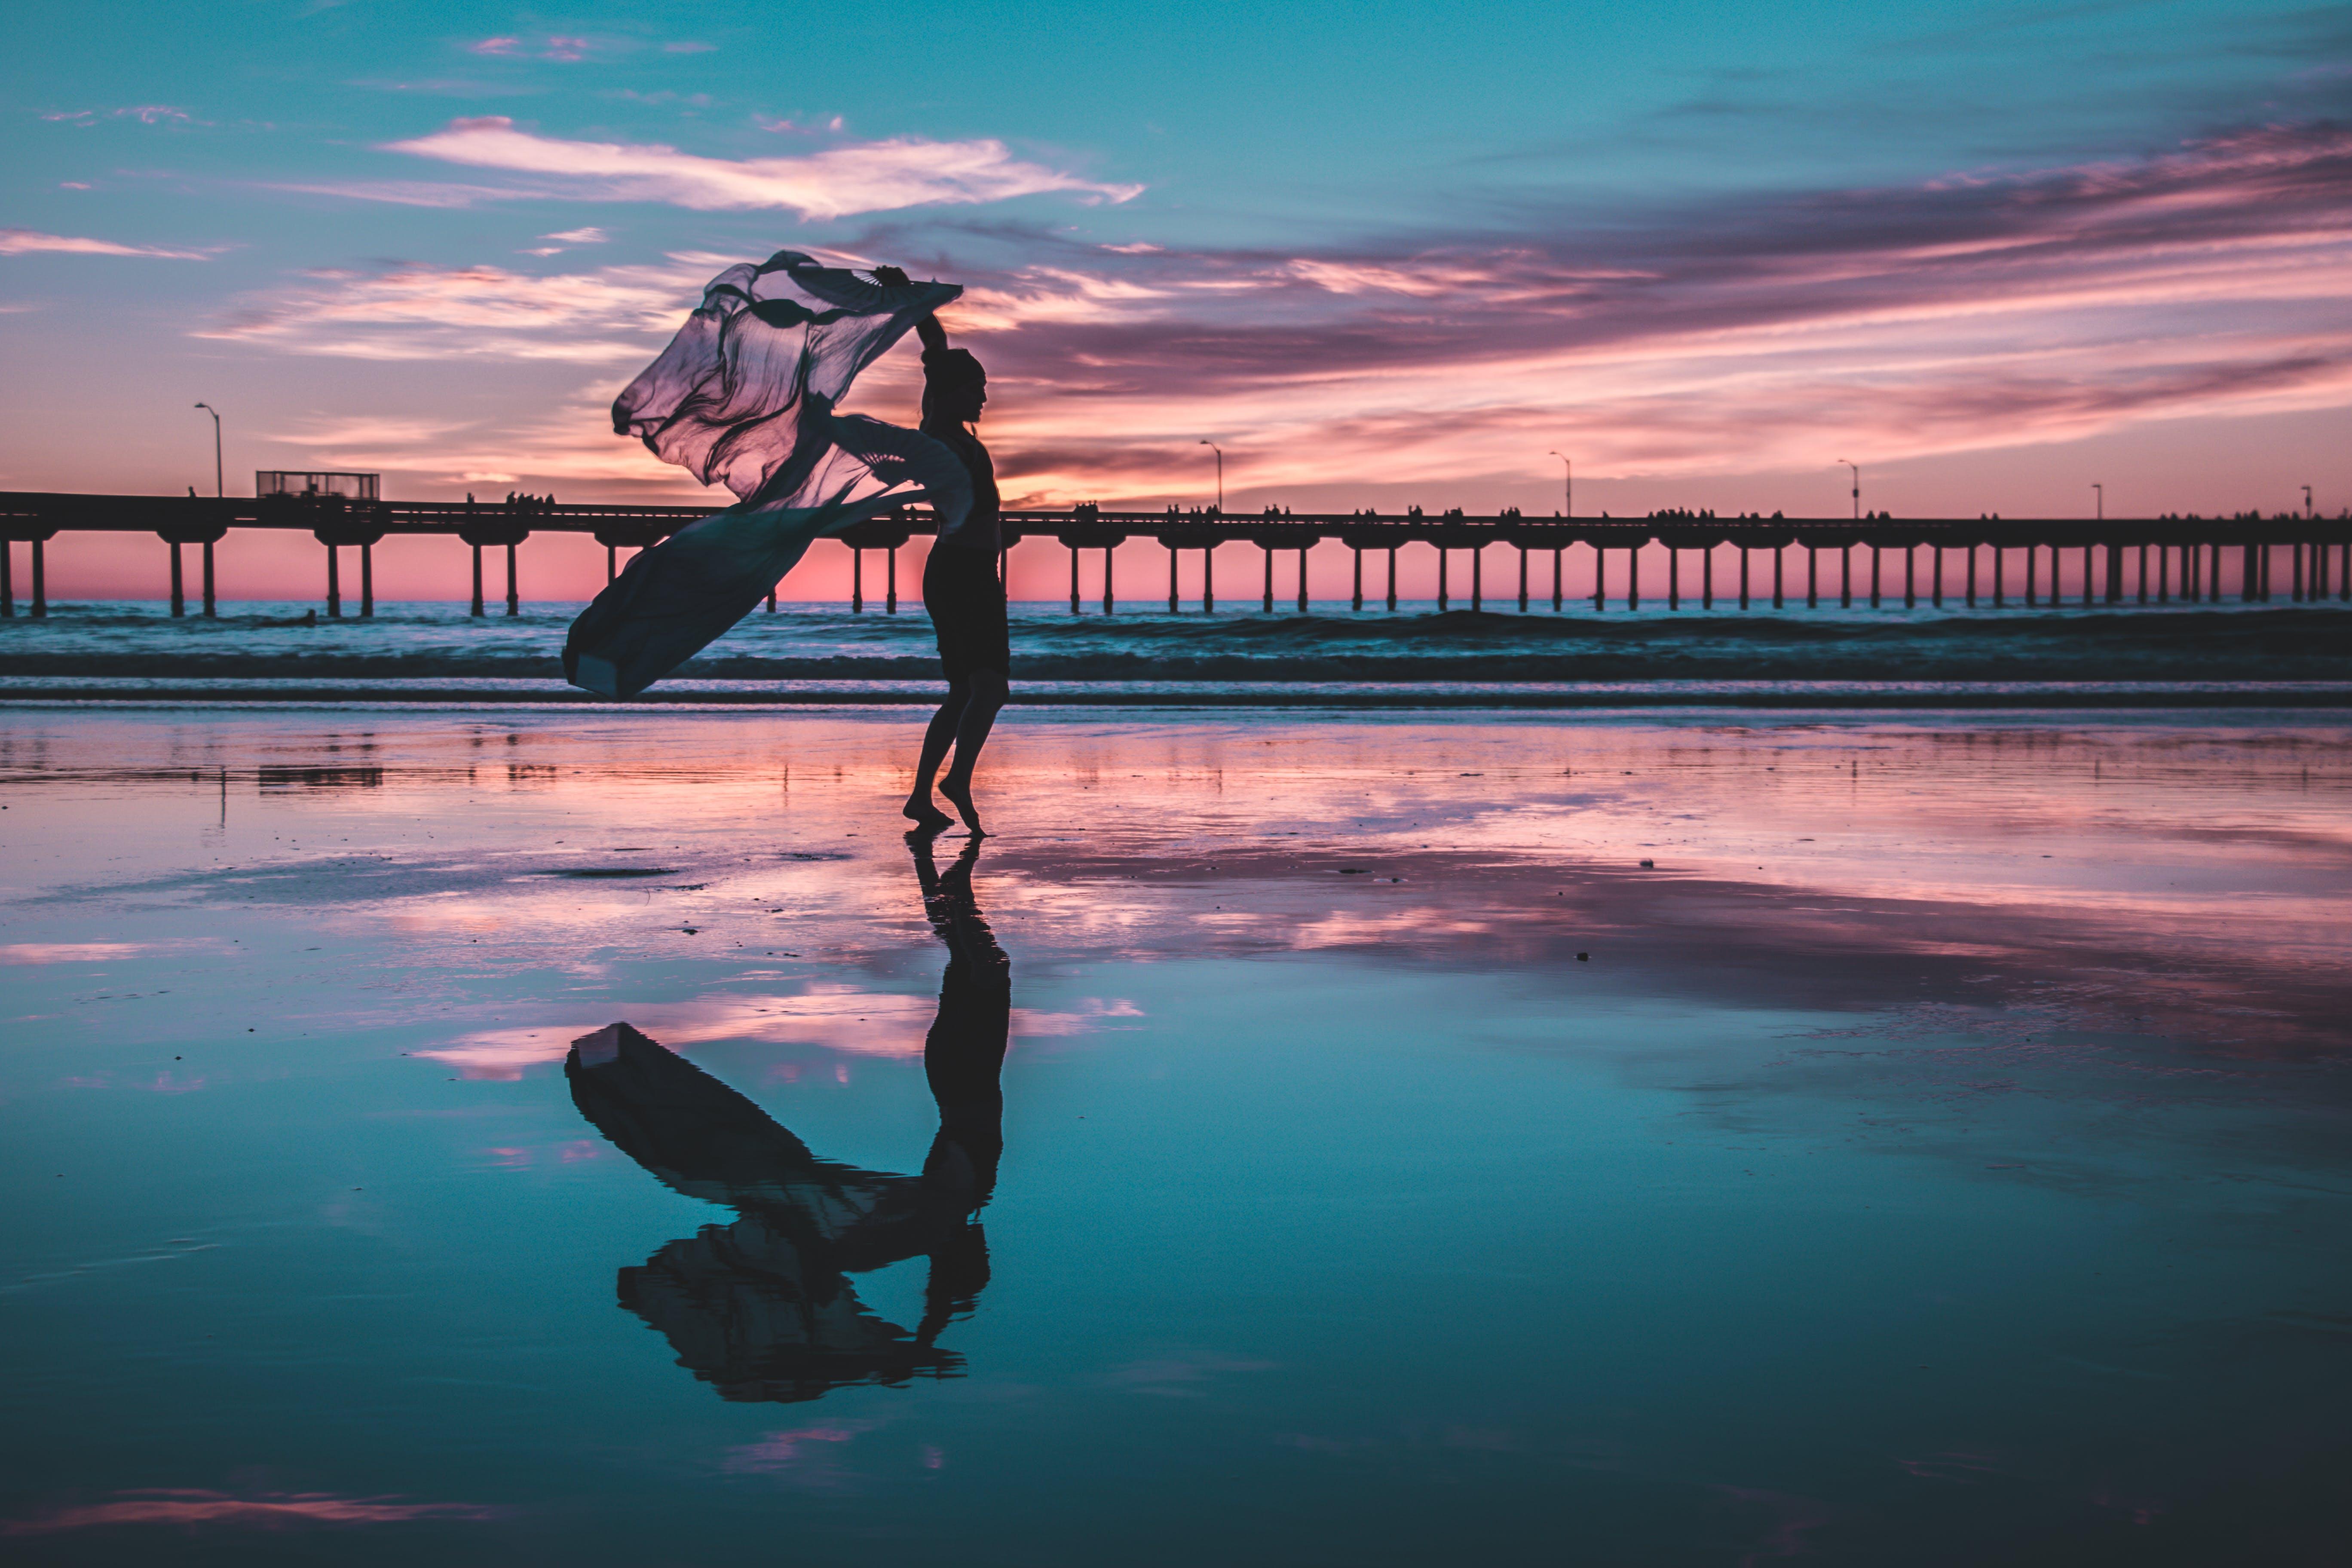 คลังภาพถ่ายฟรี ของ การพักผ่อนหย่อนใจ, การสะท้อน, ชายทะเล, ชายหาด